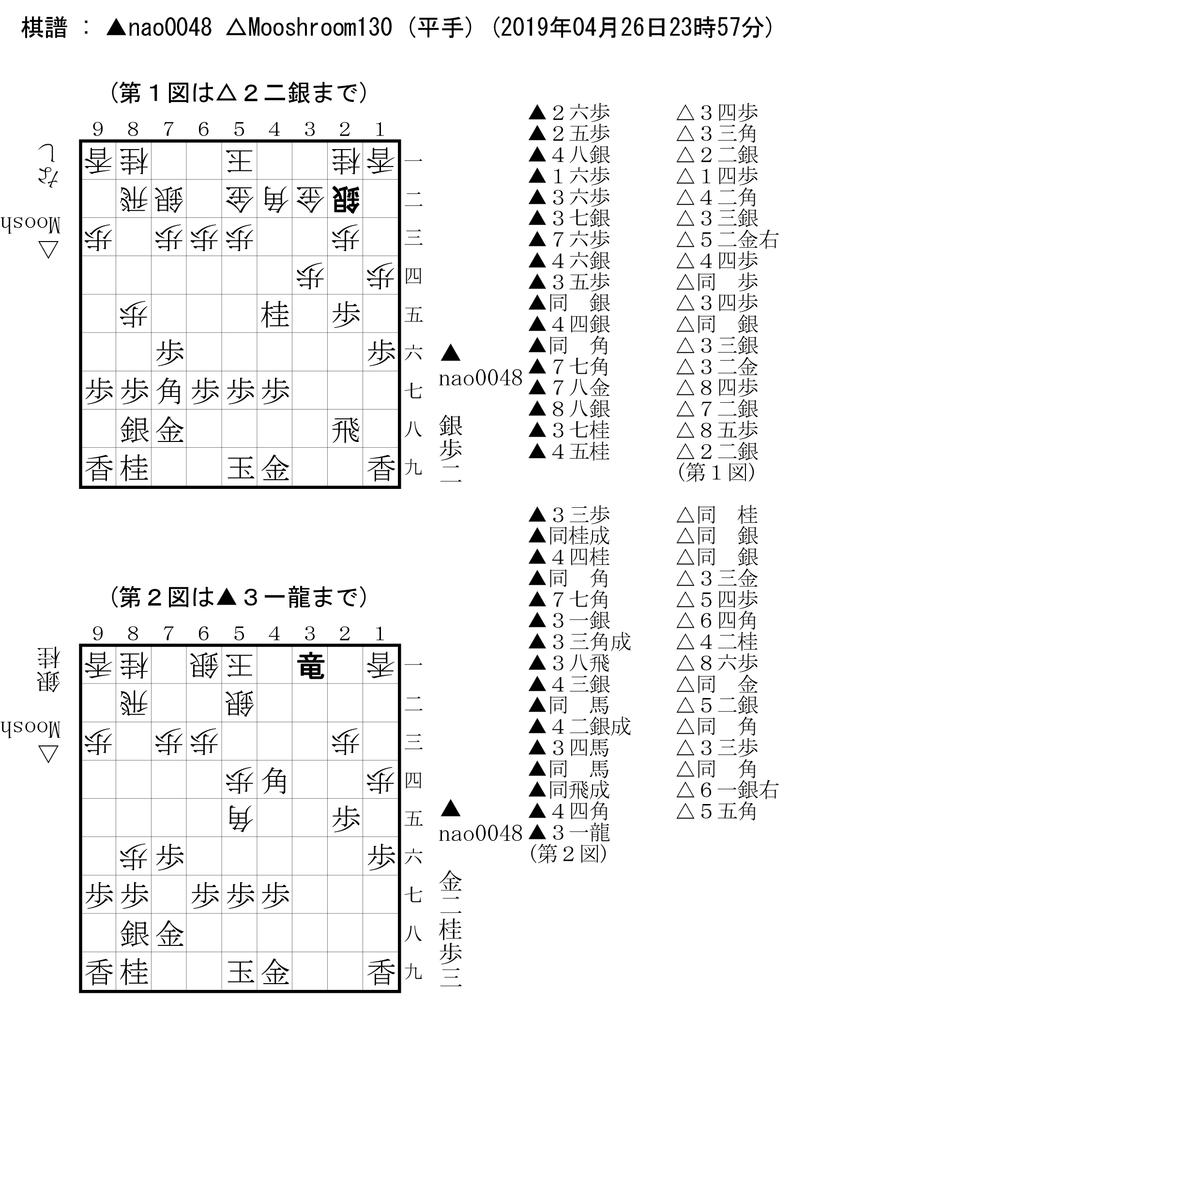 f:id:nao0048:20190427210806p:plain